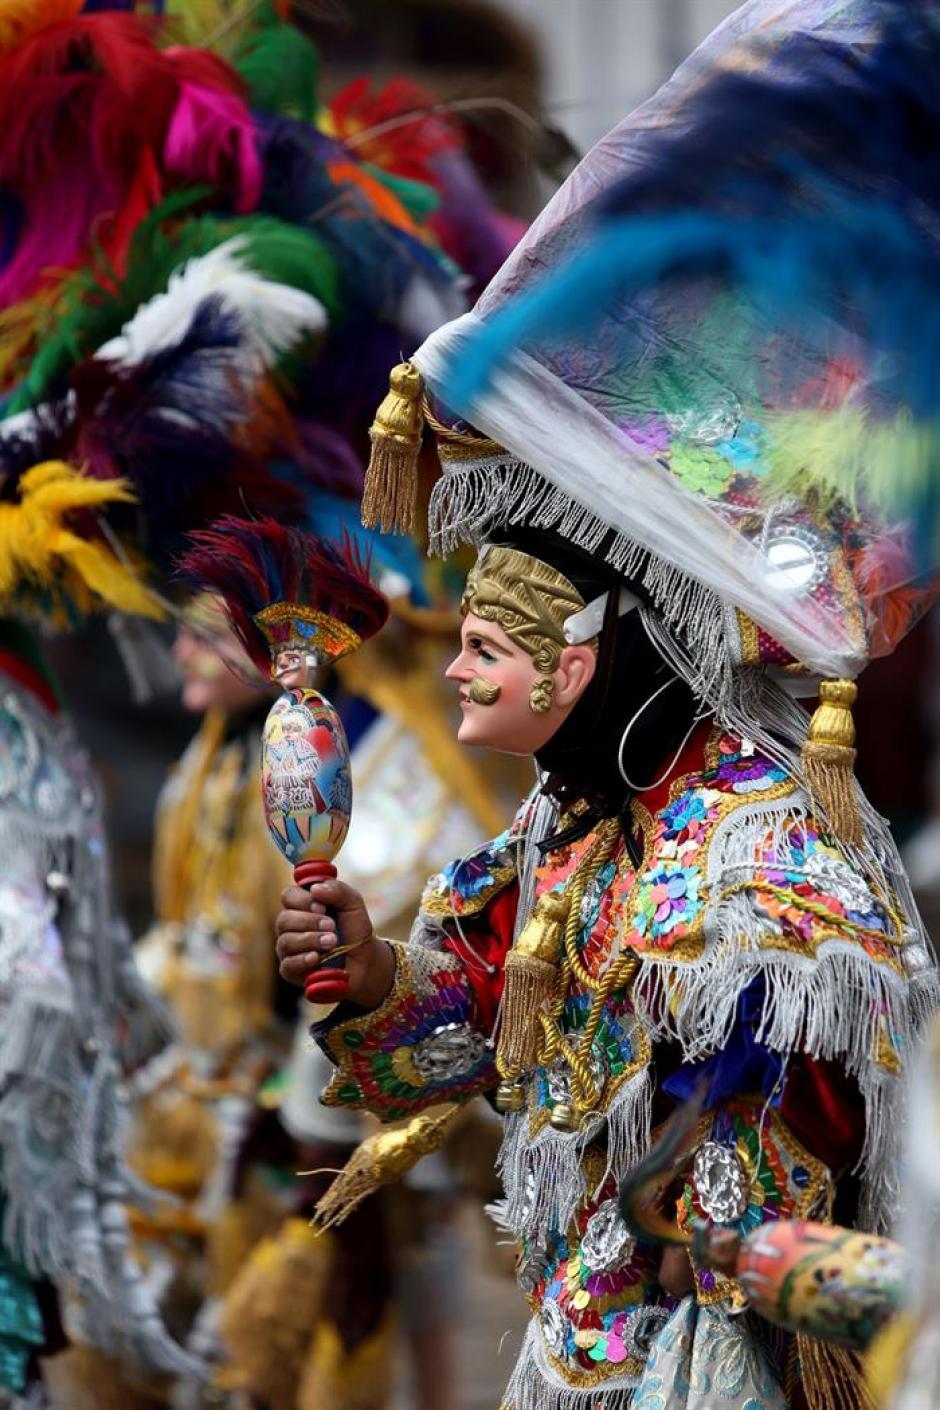 Un bailarín sostiene una elaborada miniatura de su traje, esto durante la celebración. (Foto: Esteban Biba/Soy502)